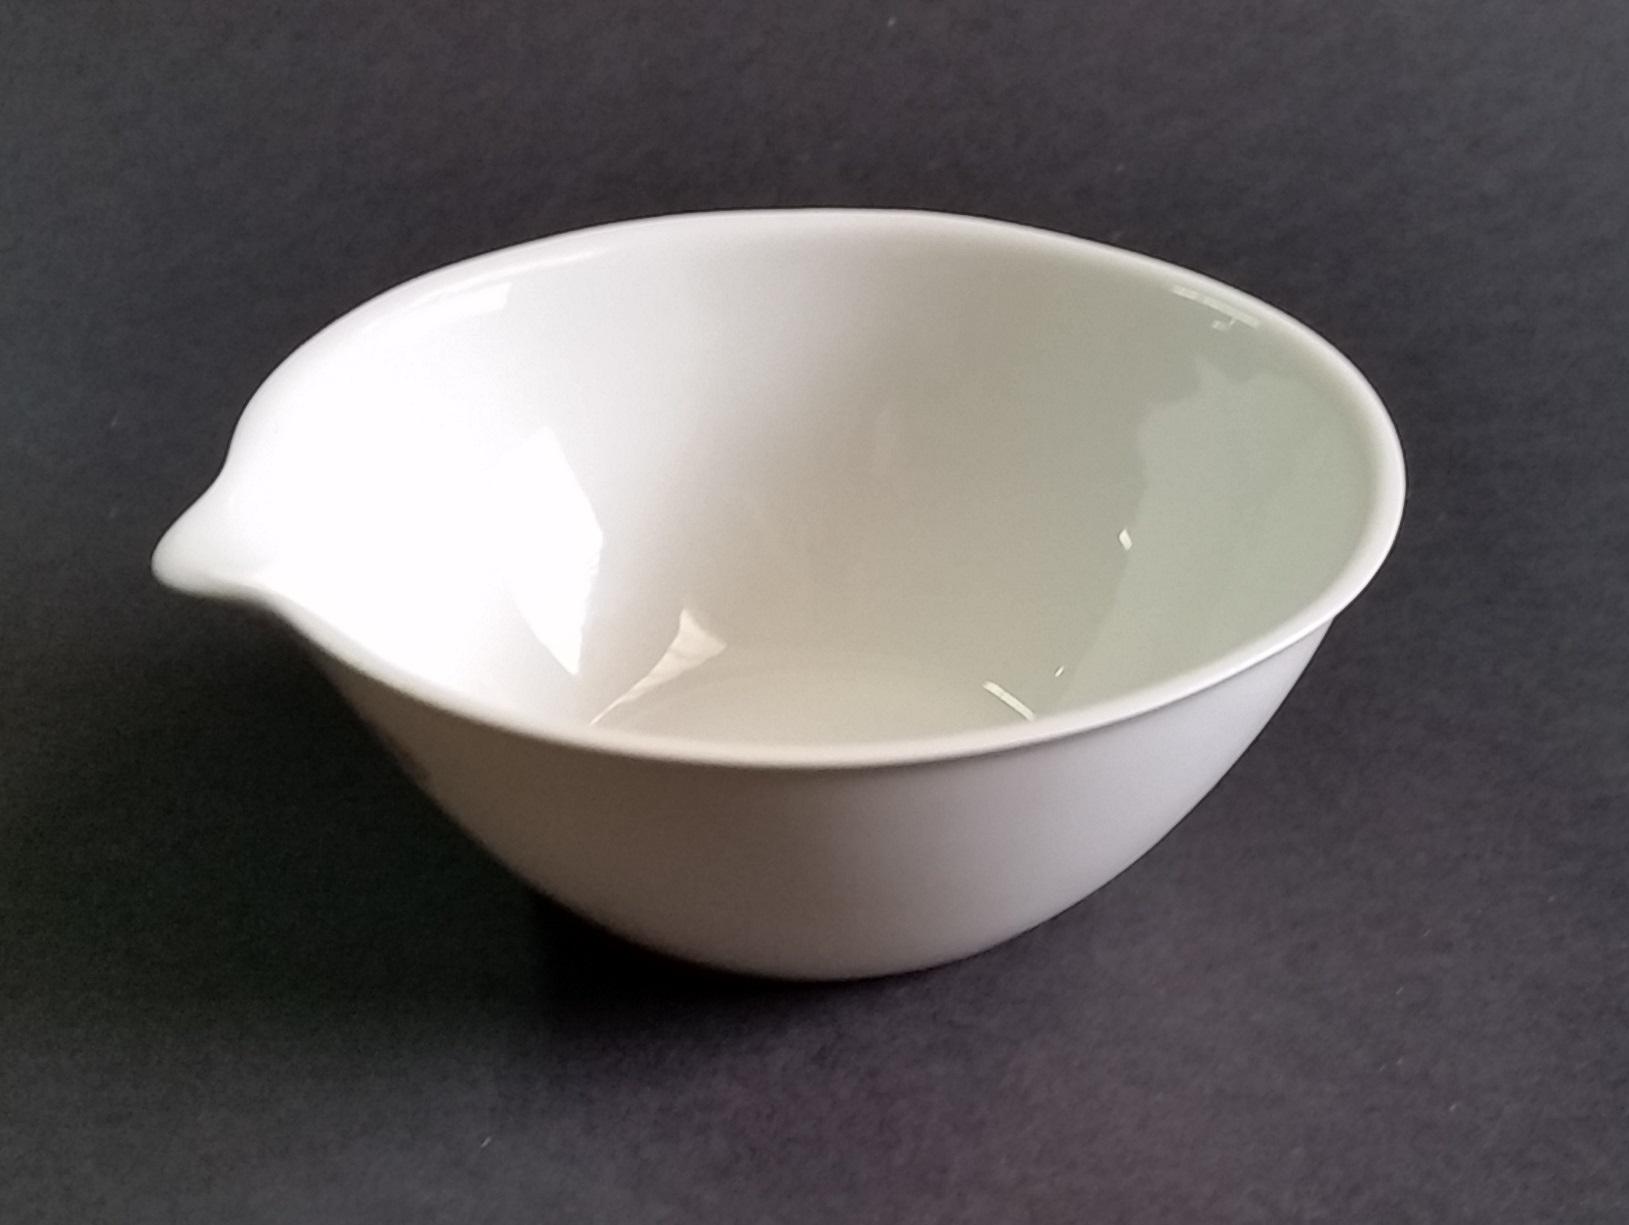 C psulas porcelana fondo plano hermanos lamo for Marcas de vajillas de porcelana